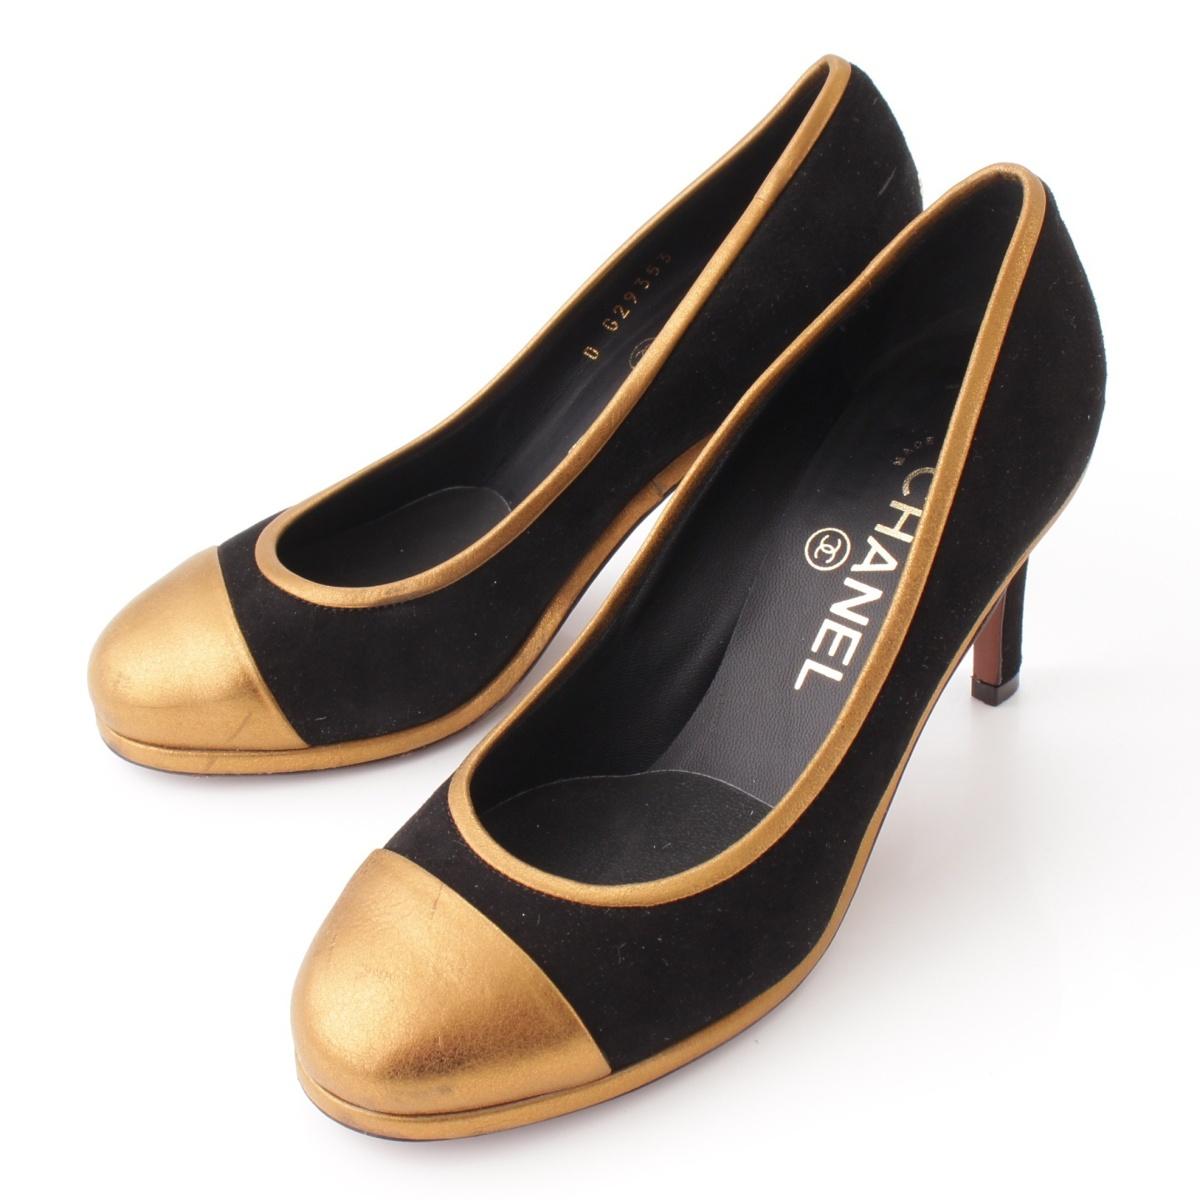 【シャネル】Chanel 13A ココマーク スエード ヒールパンプス ブラック×ゴールド 35 1/2C 【中古】【鑑定済・正規品保証】55435